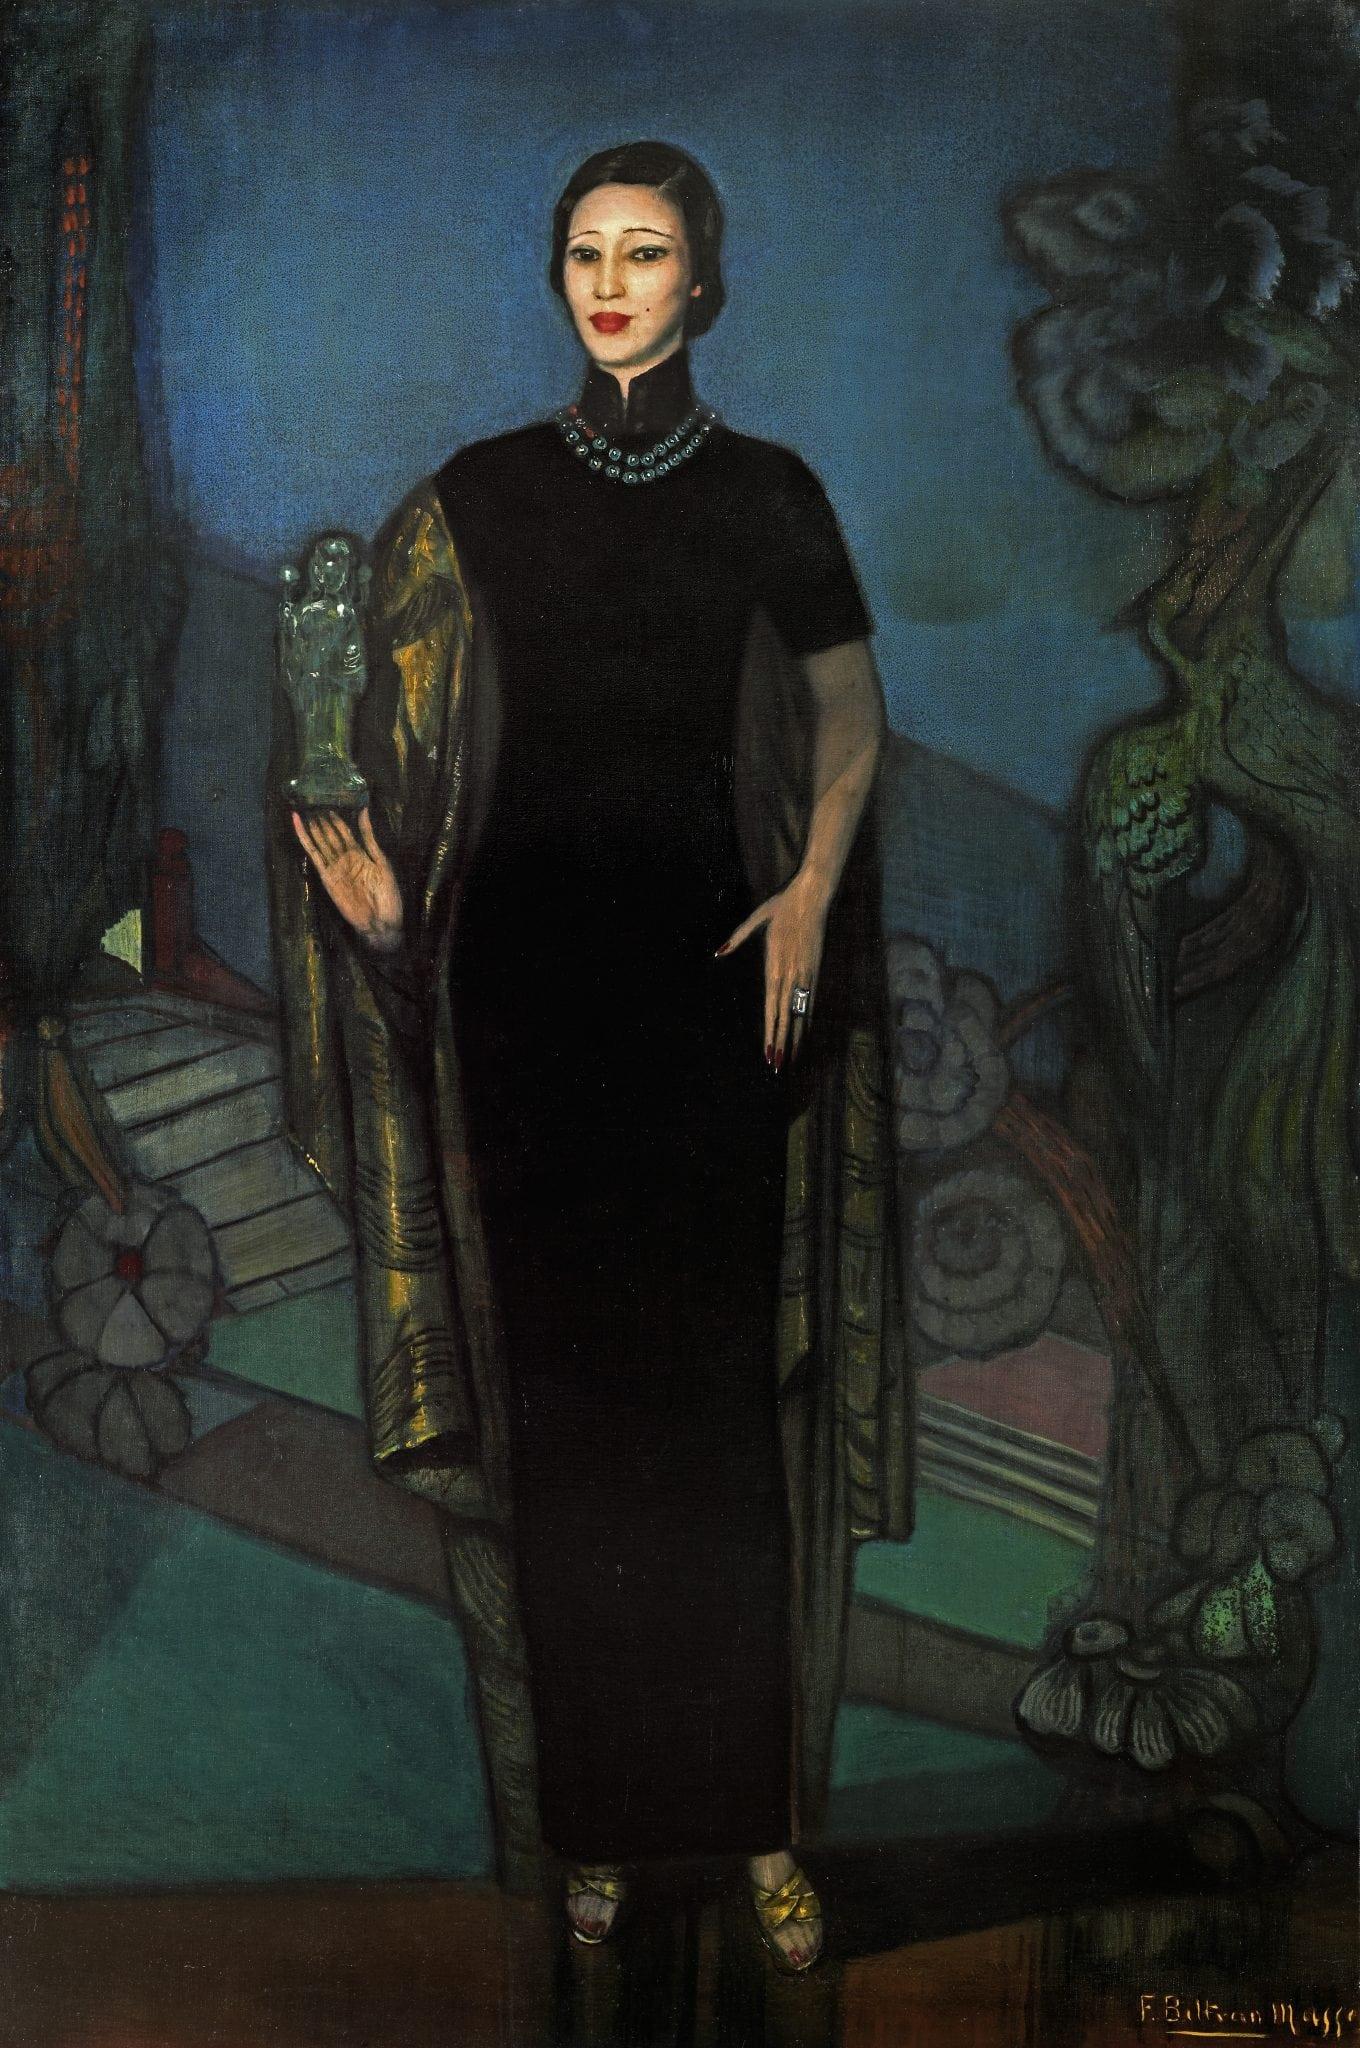 Beltran Masses, Federico ~ Oei Hui-lan, Mme Wellington Koo, 1932